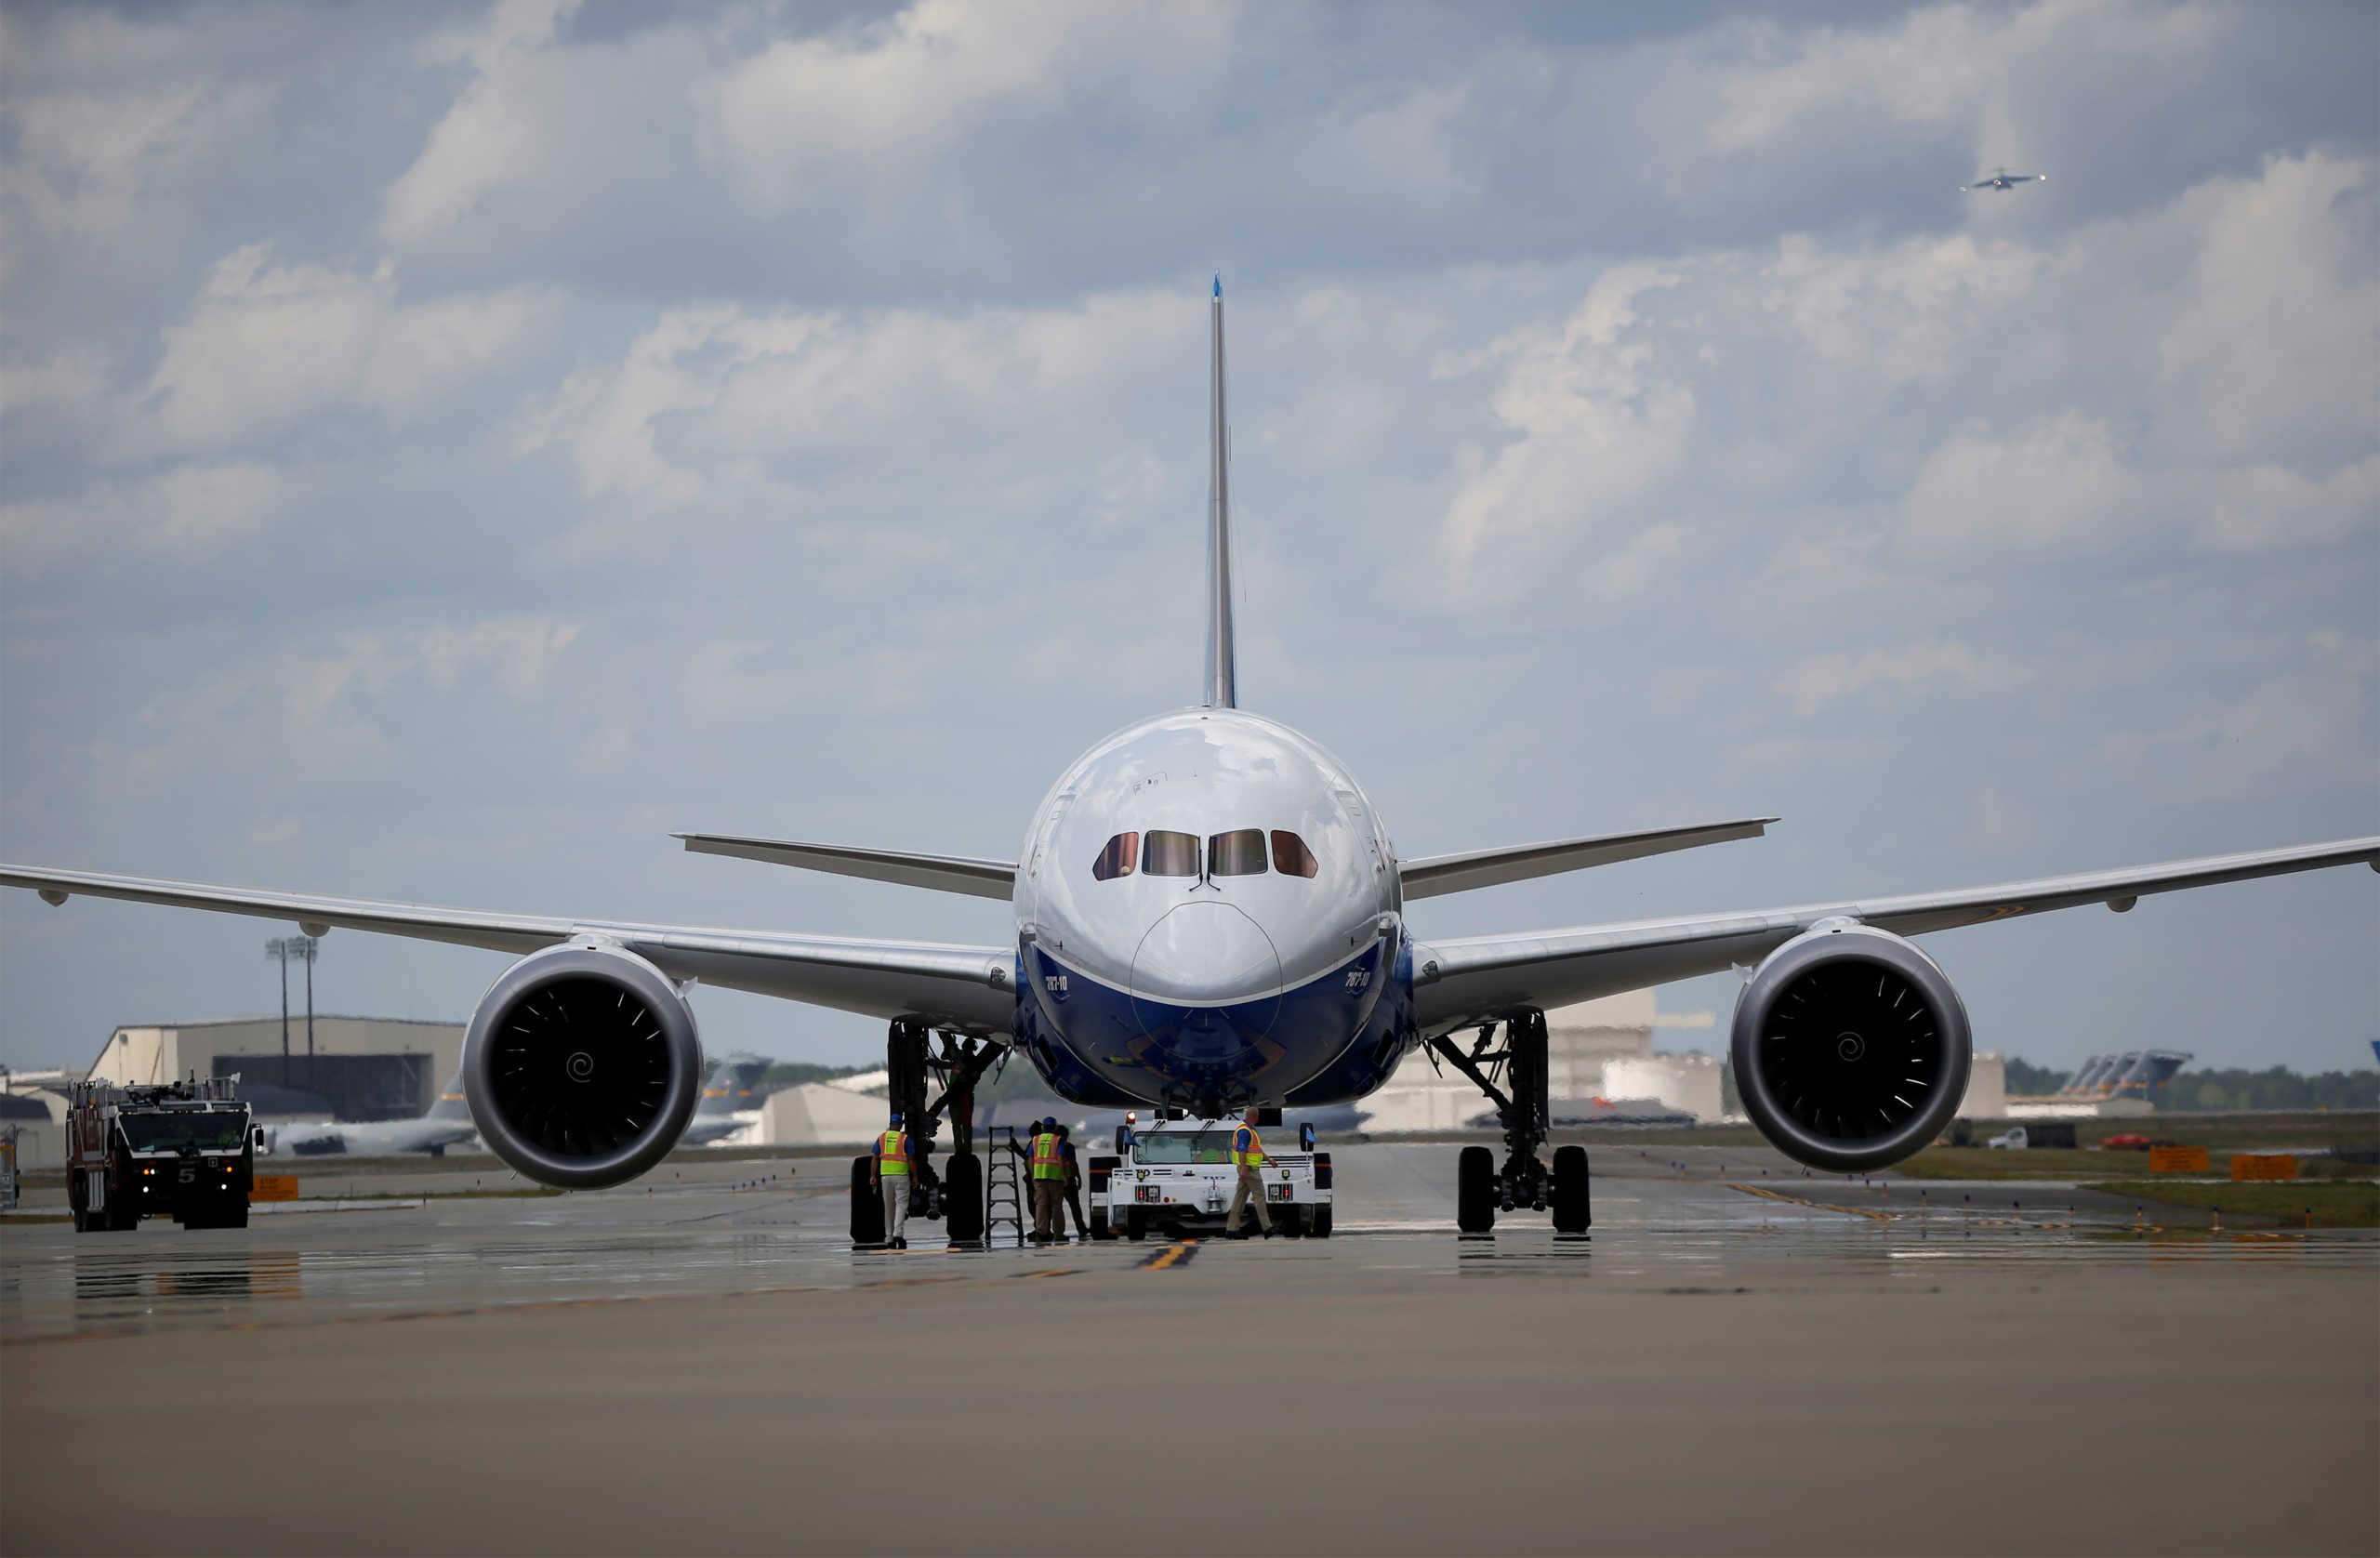 Κορονοϊός: Στο χείλος του γκρεμού οι αεροπορικές εταιρίες – Απαιτούνται 70-80 δισεκ. δολάρια για να σωθούν